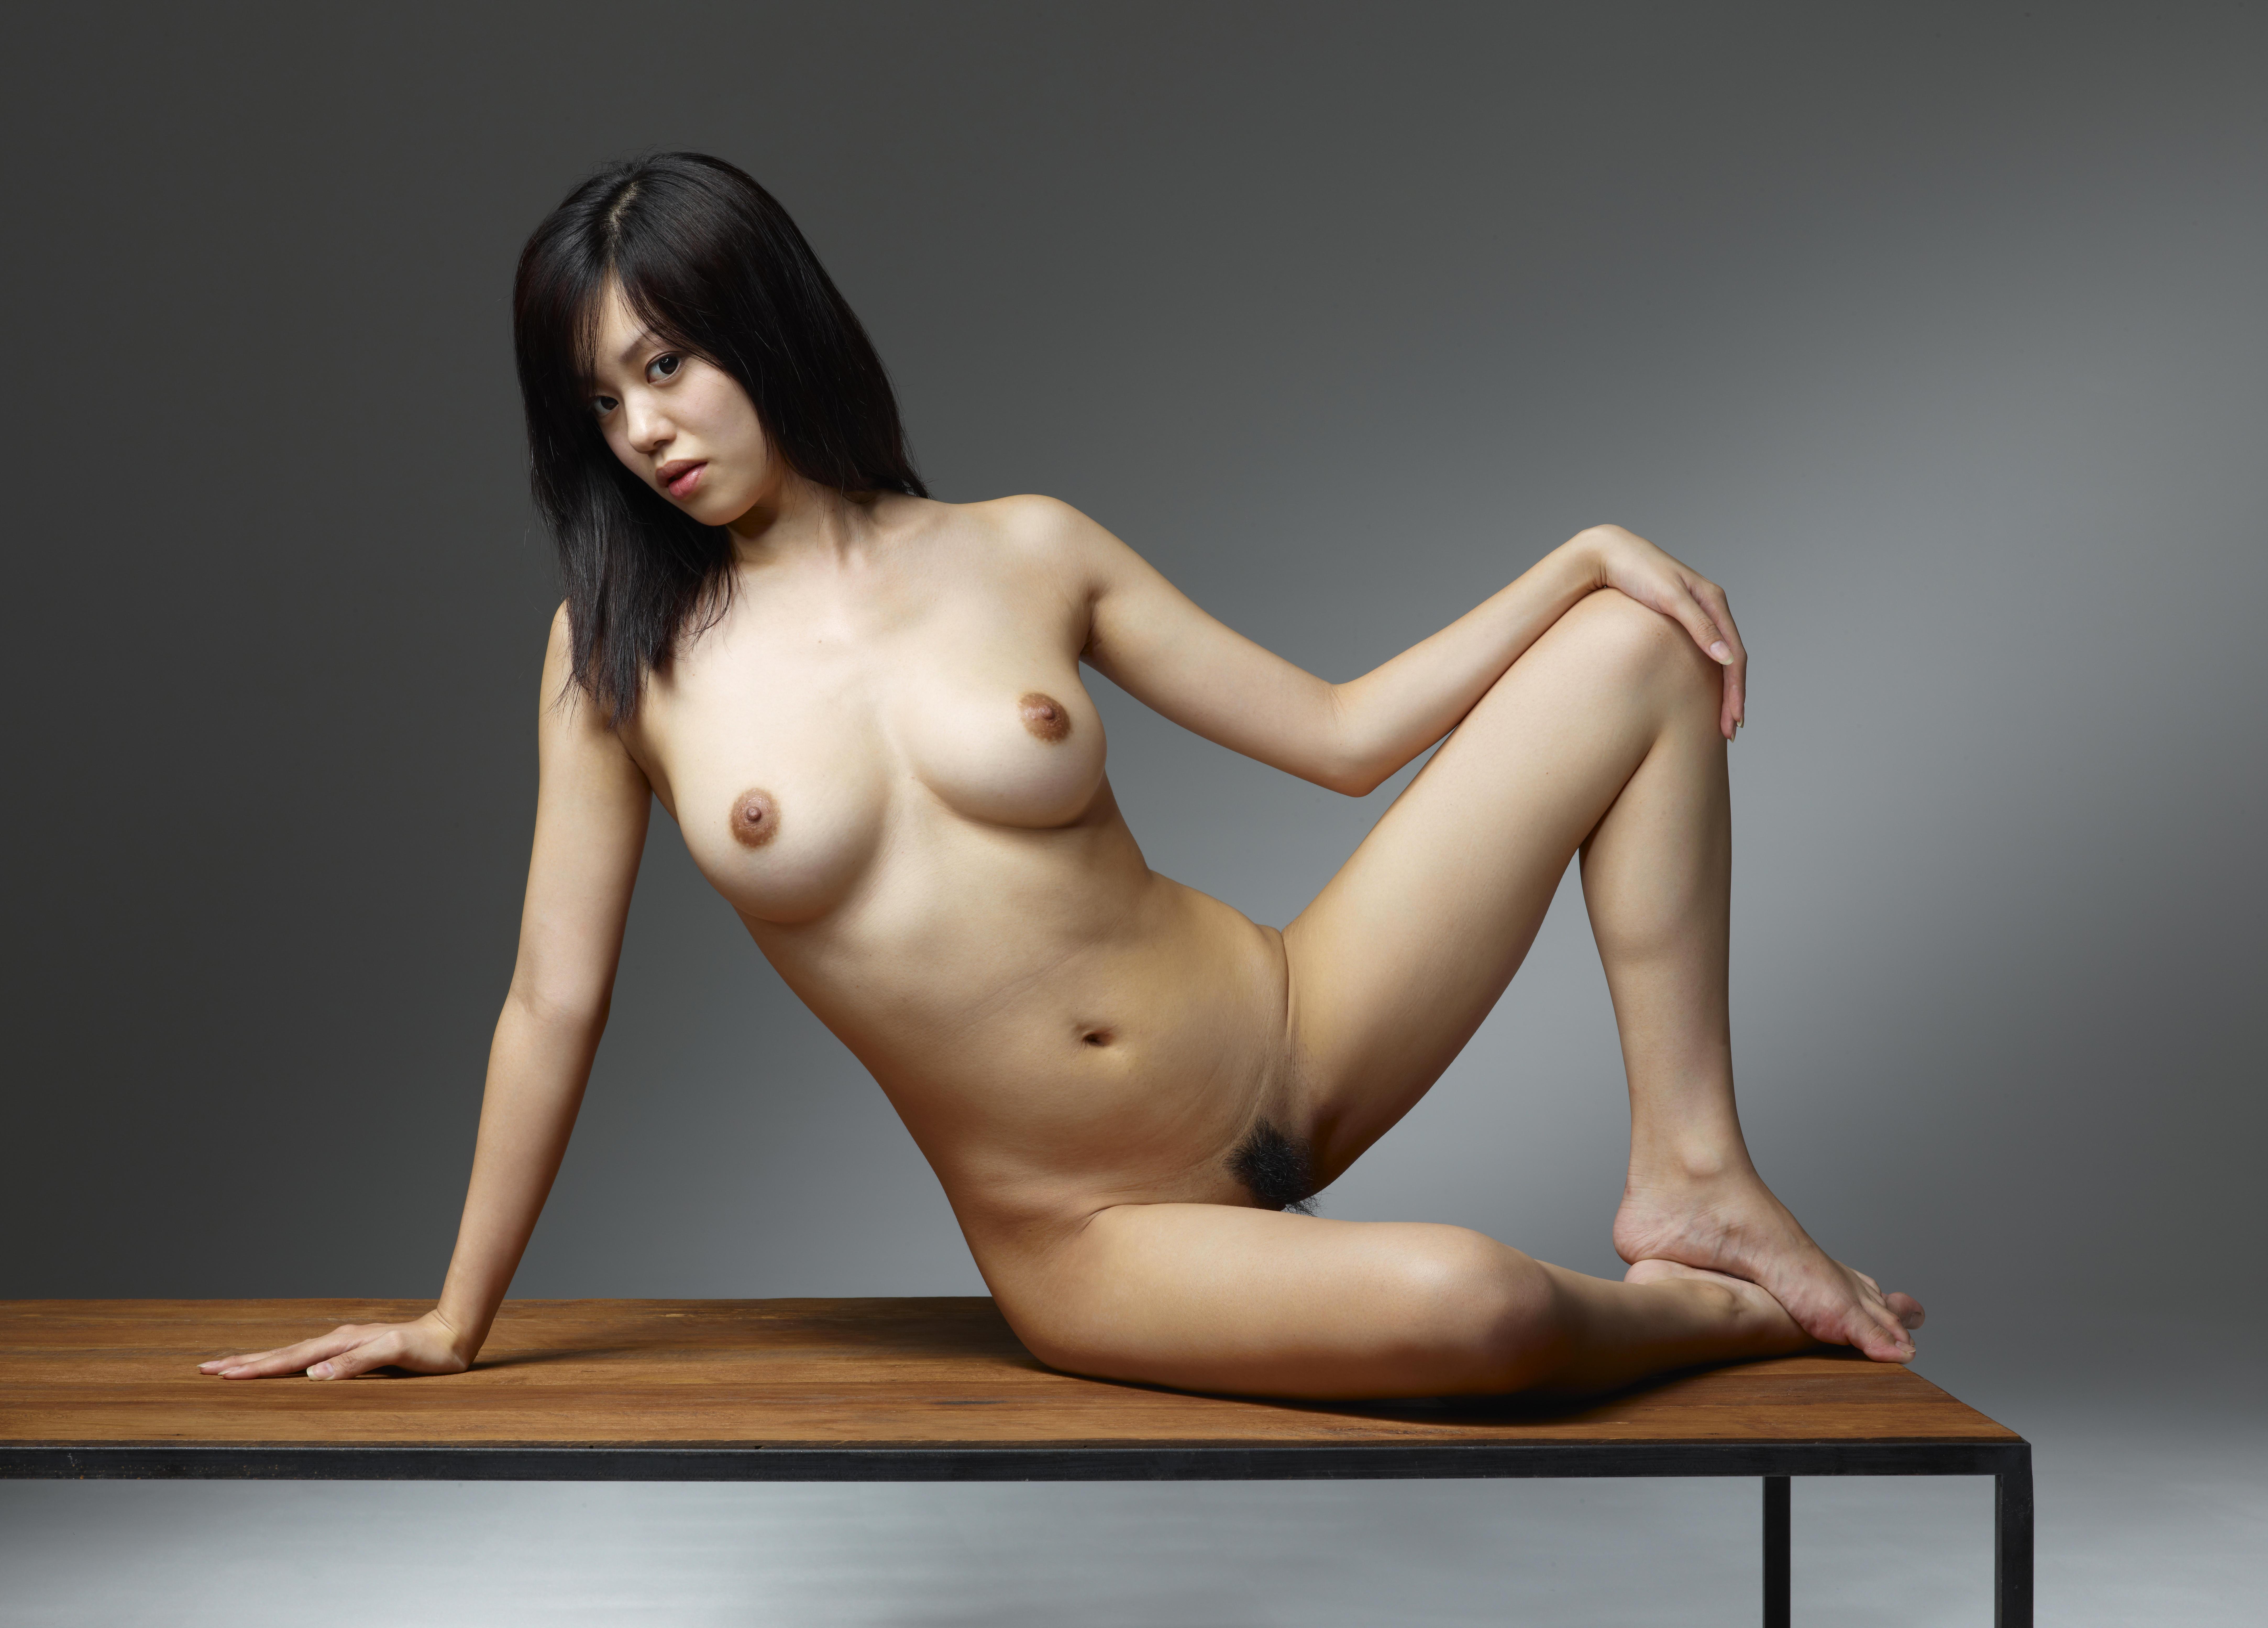 hegre-art.com konata Hegre Art Pictures · Konata Hegre